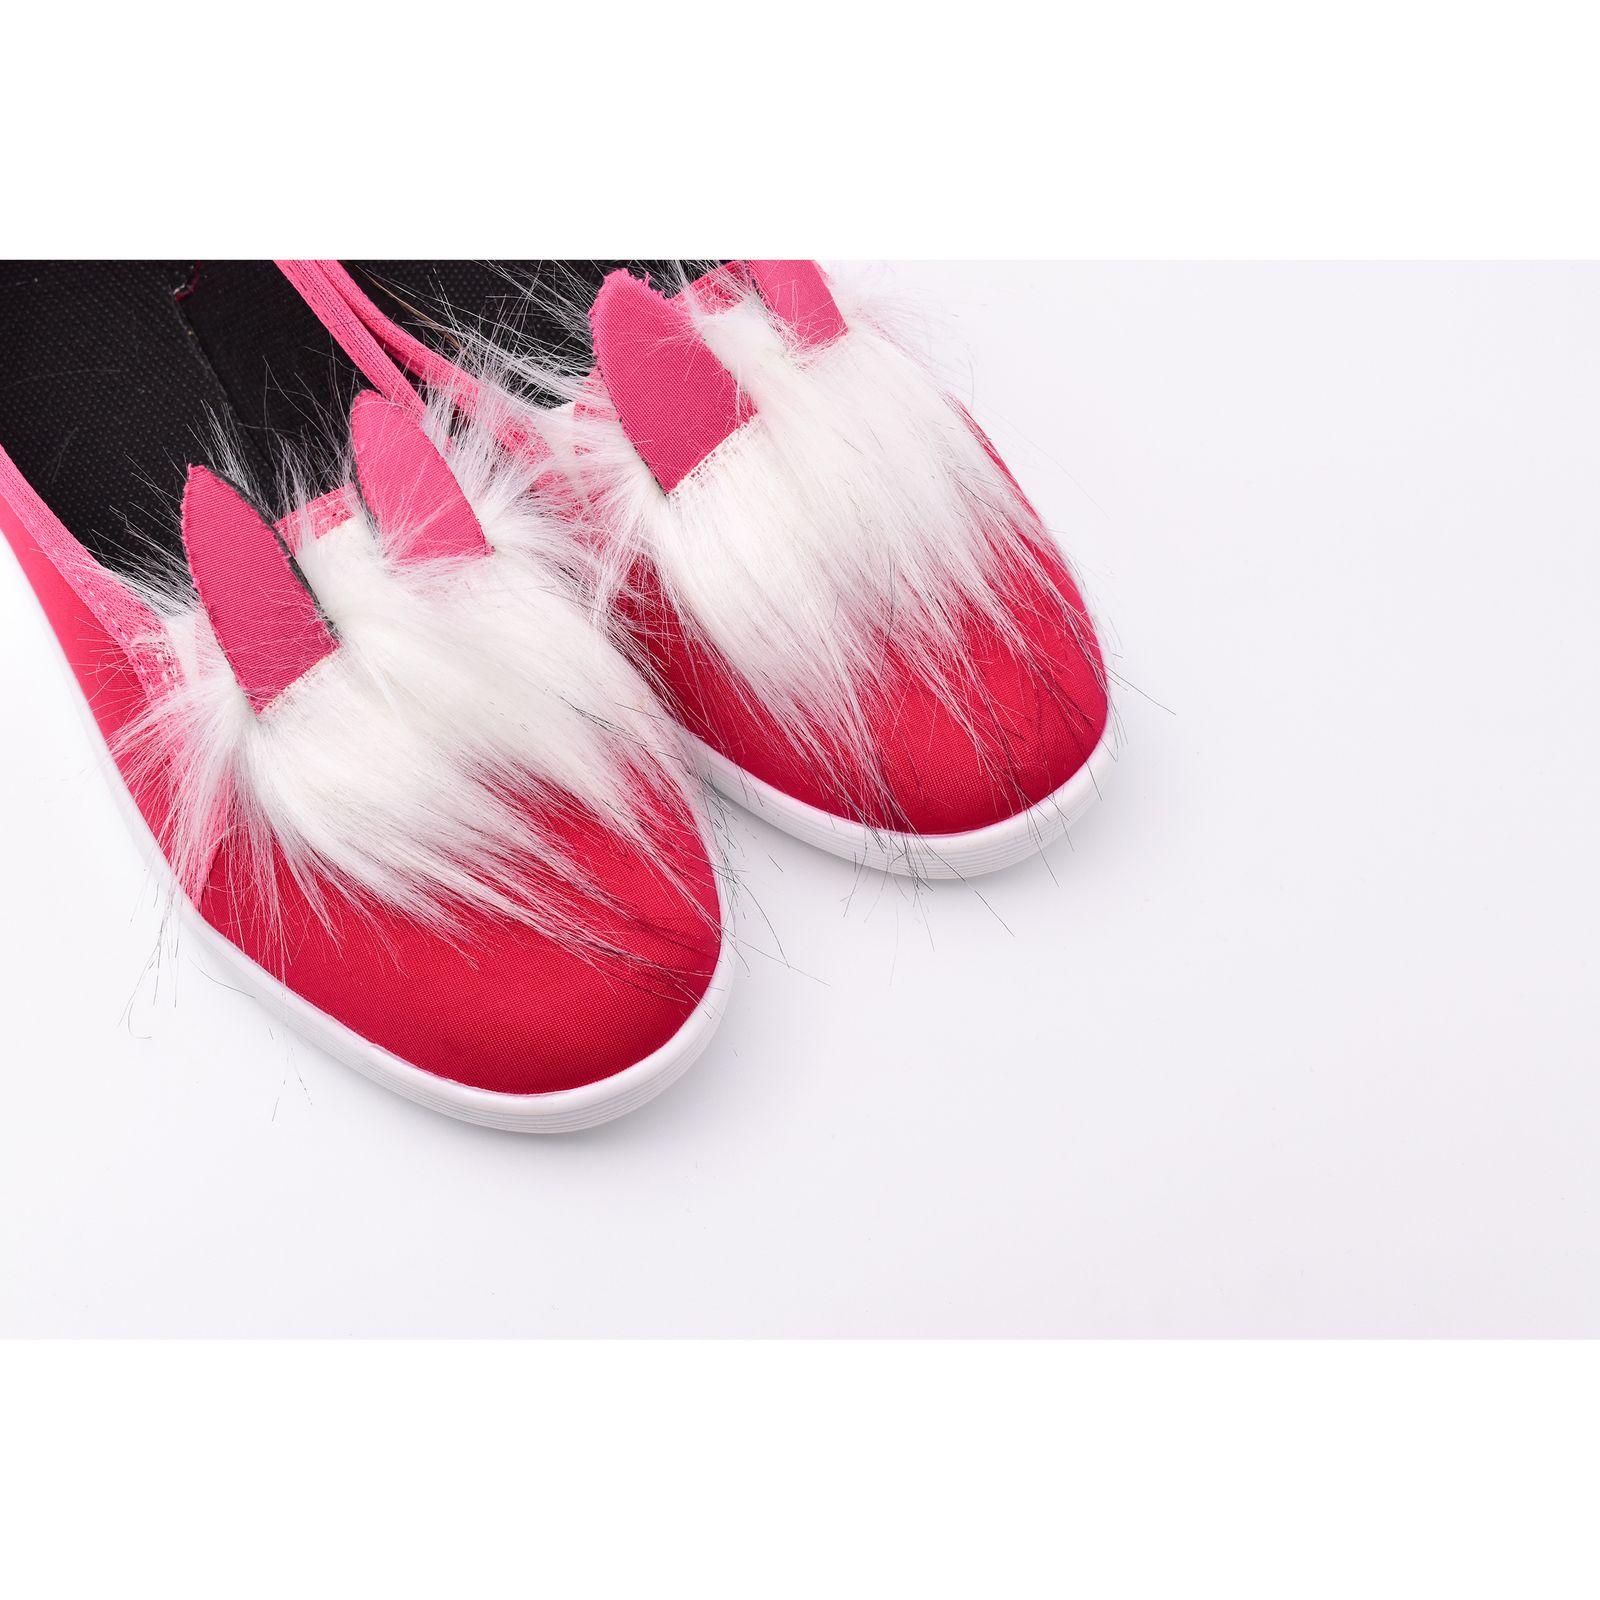 کفش دخترانه مدل فانو کد 6943 -  - 1